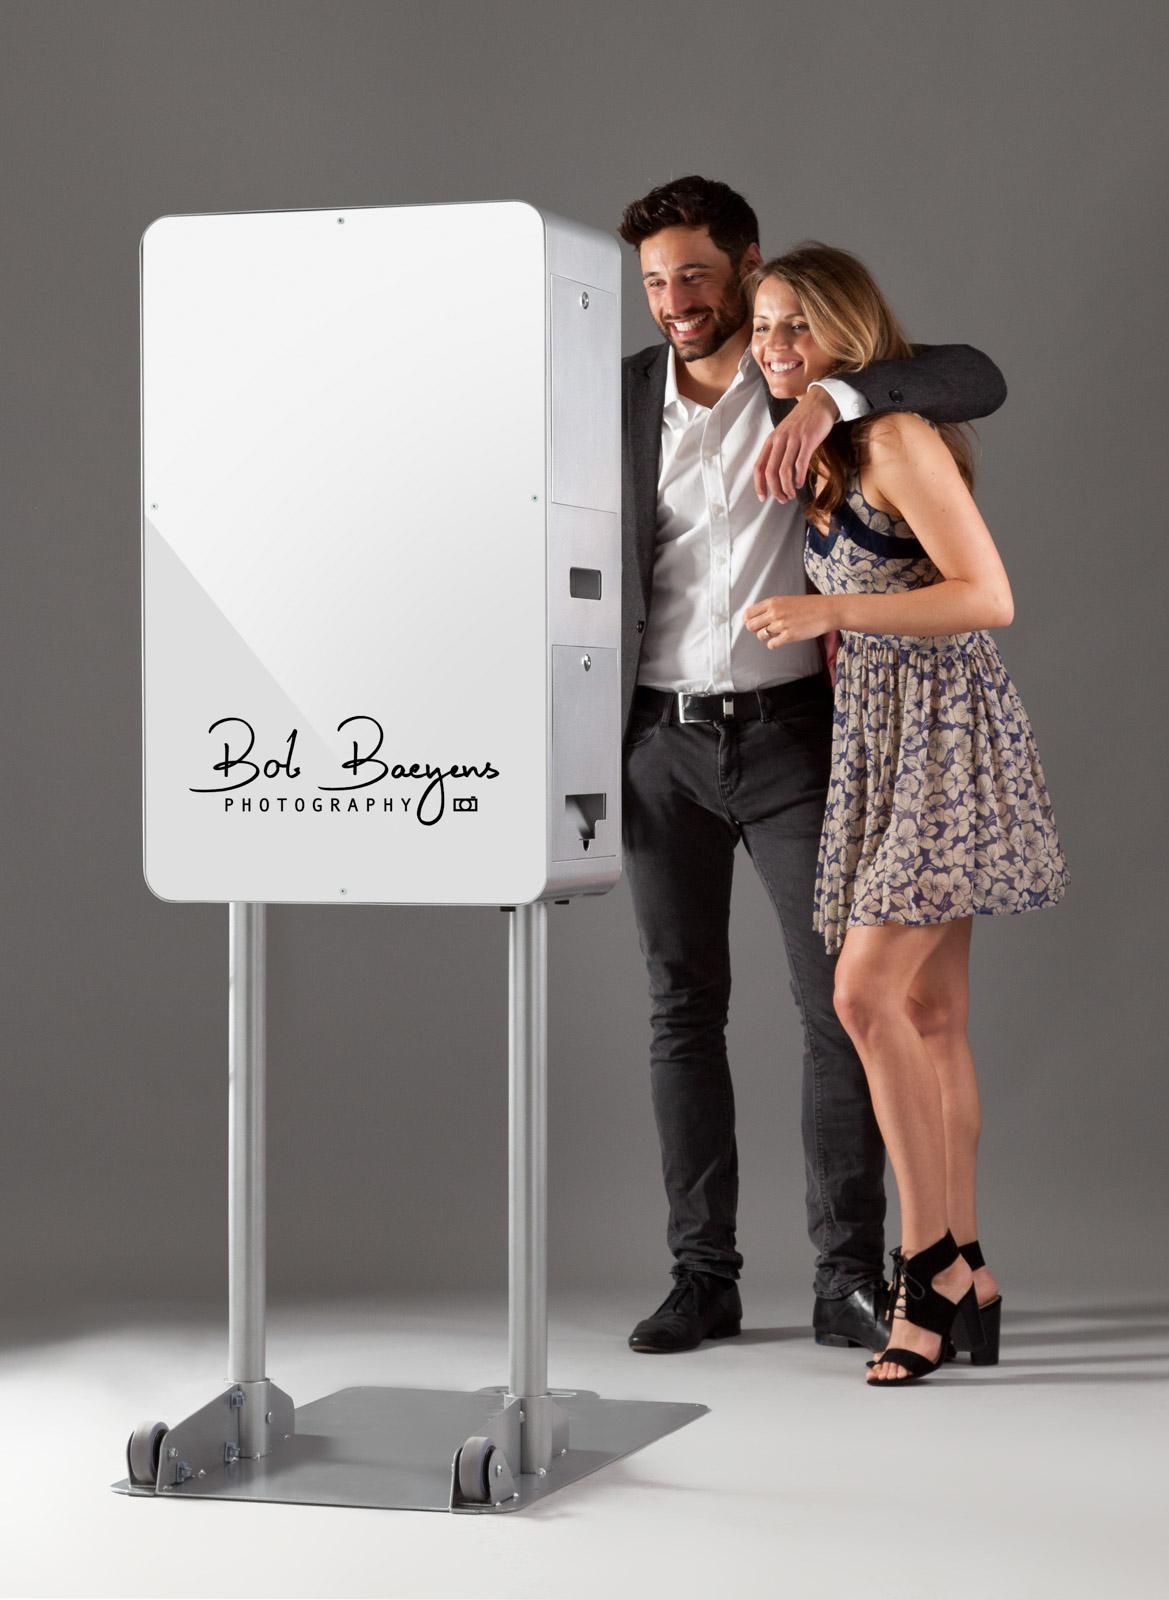 Ontwerp je eigen poster voor de achterzijde van de photo booth of neem contact op voor een ontwerp op maat.